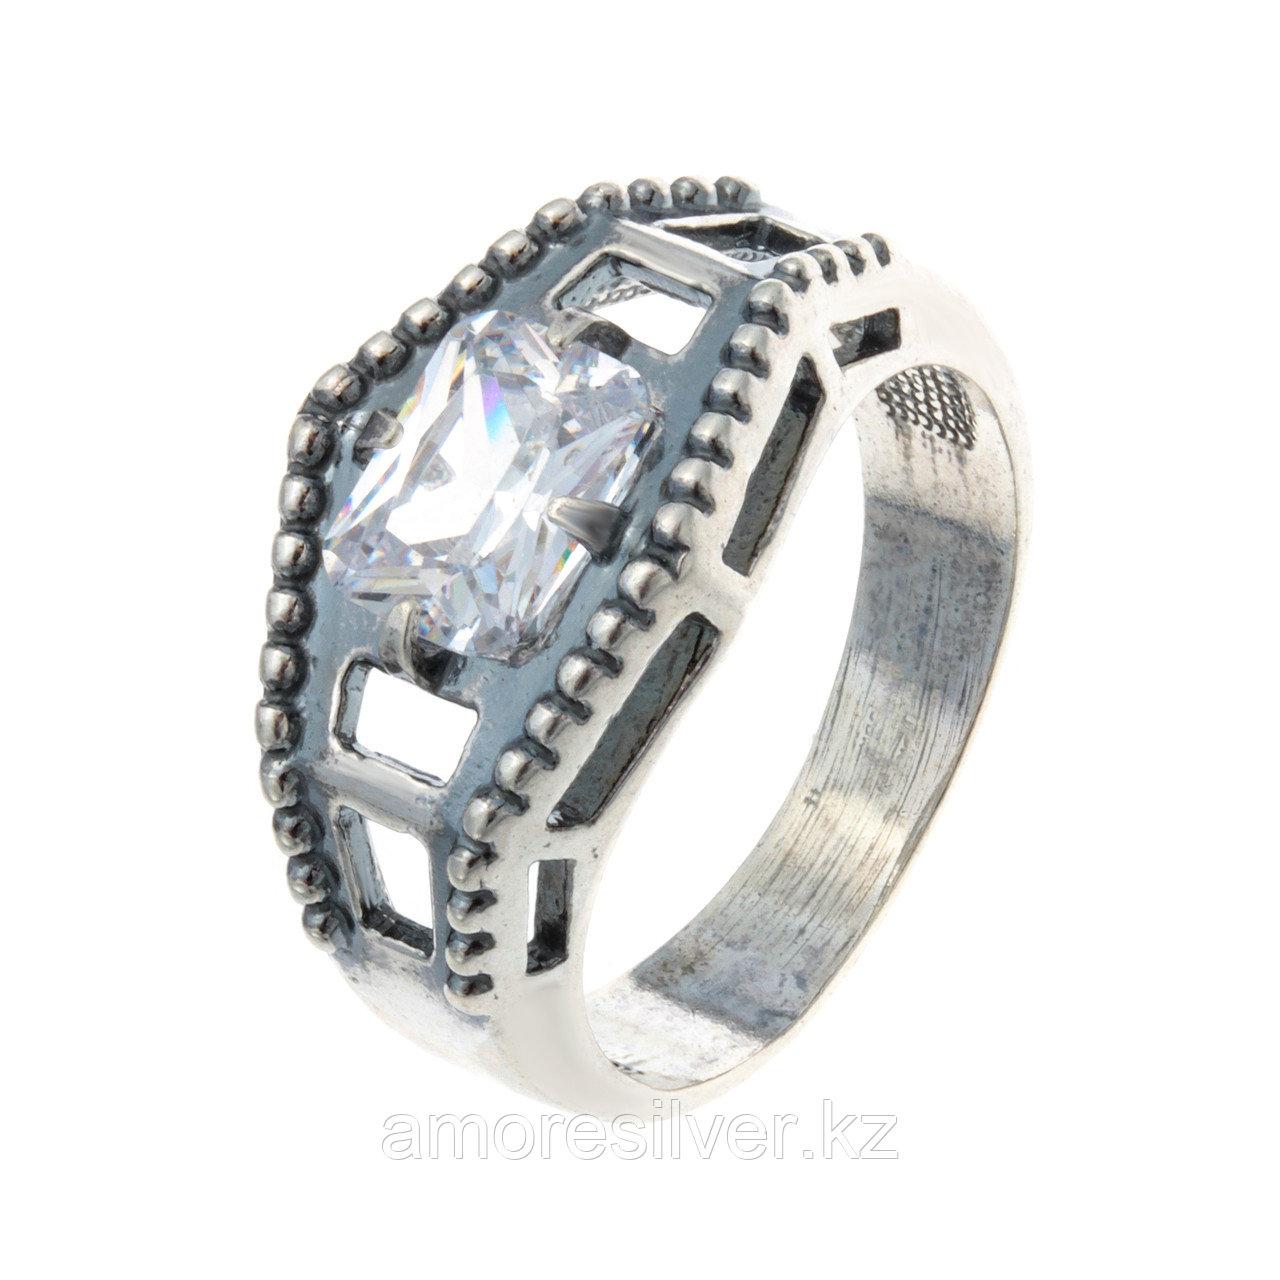 Кольцо Красная Пресня из черненного серебра, фианит, геометрия 2388042